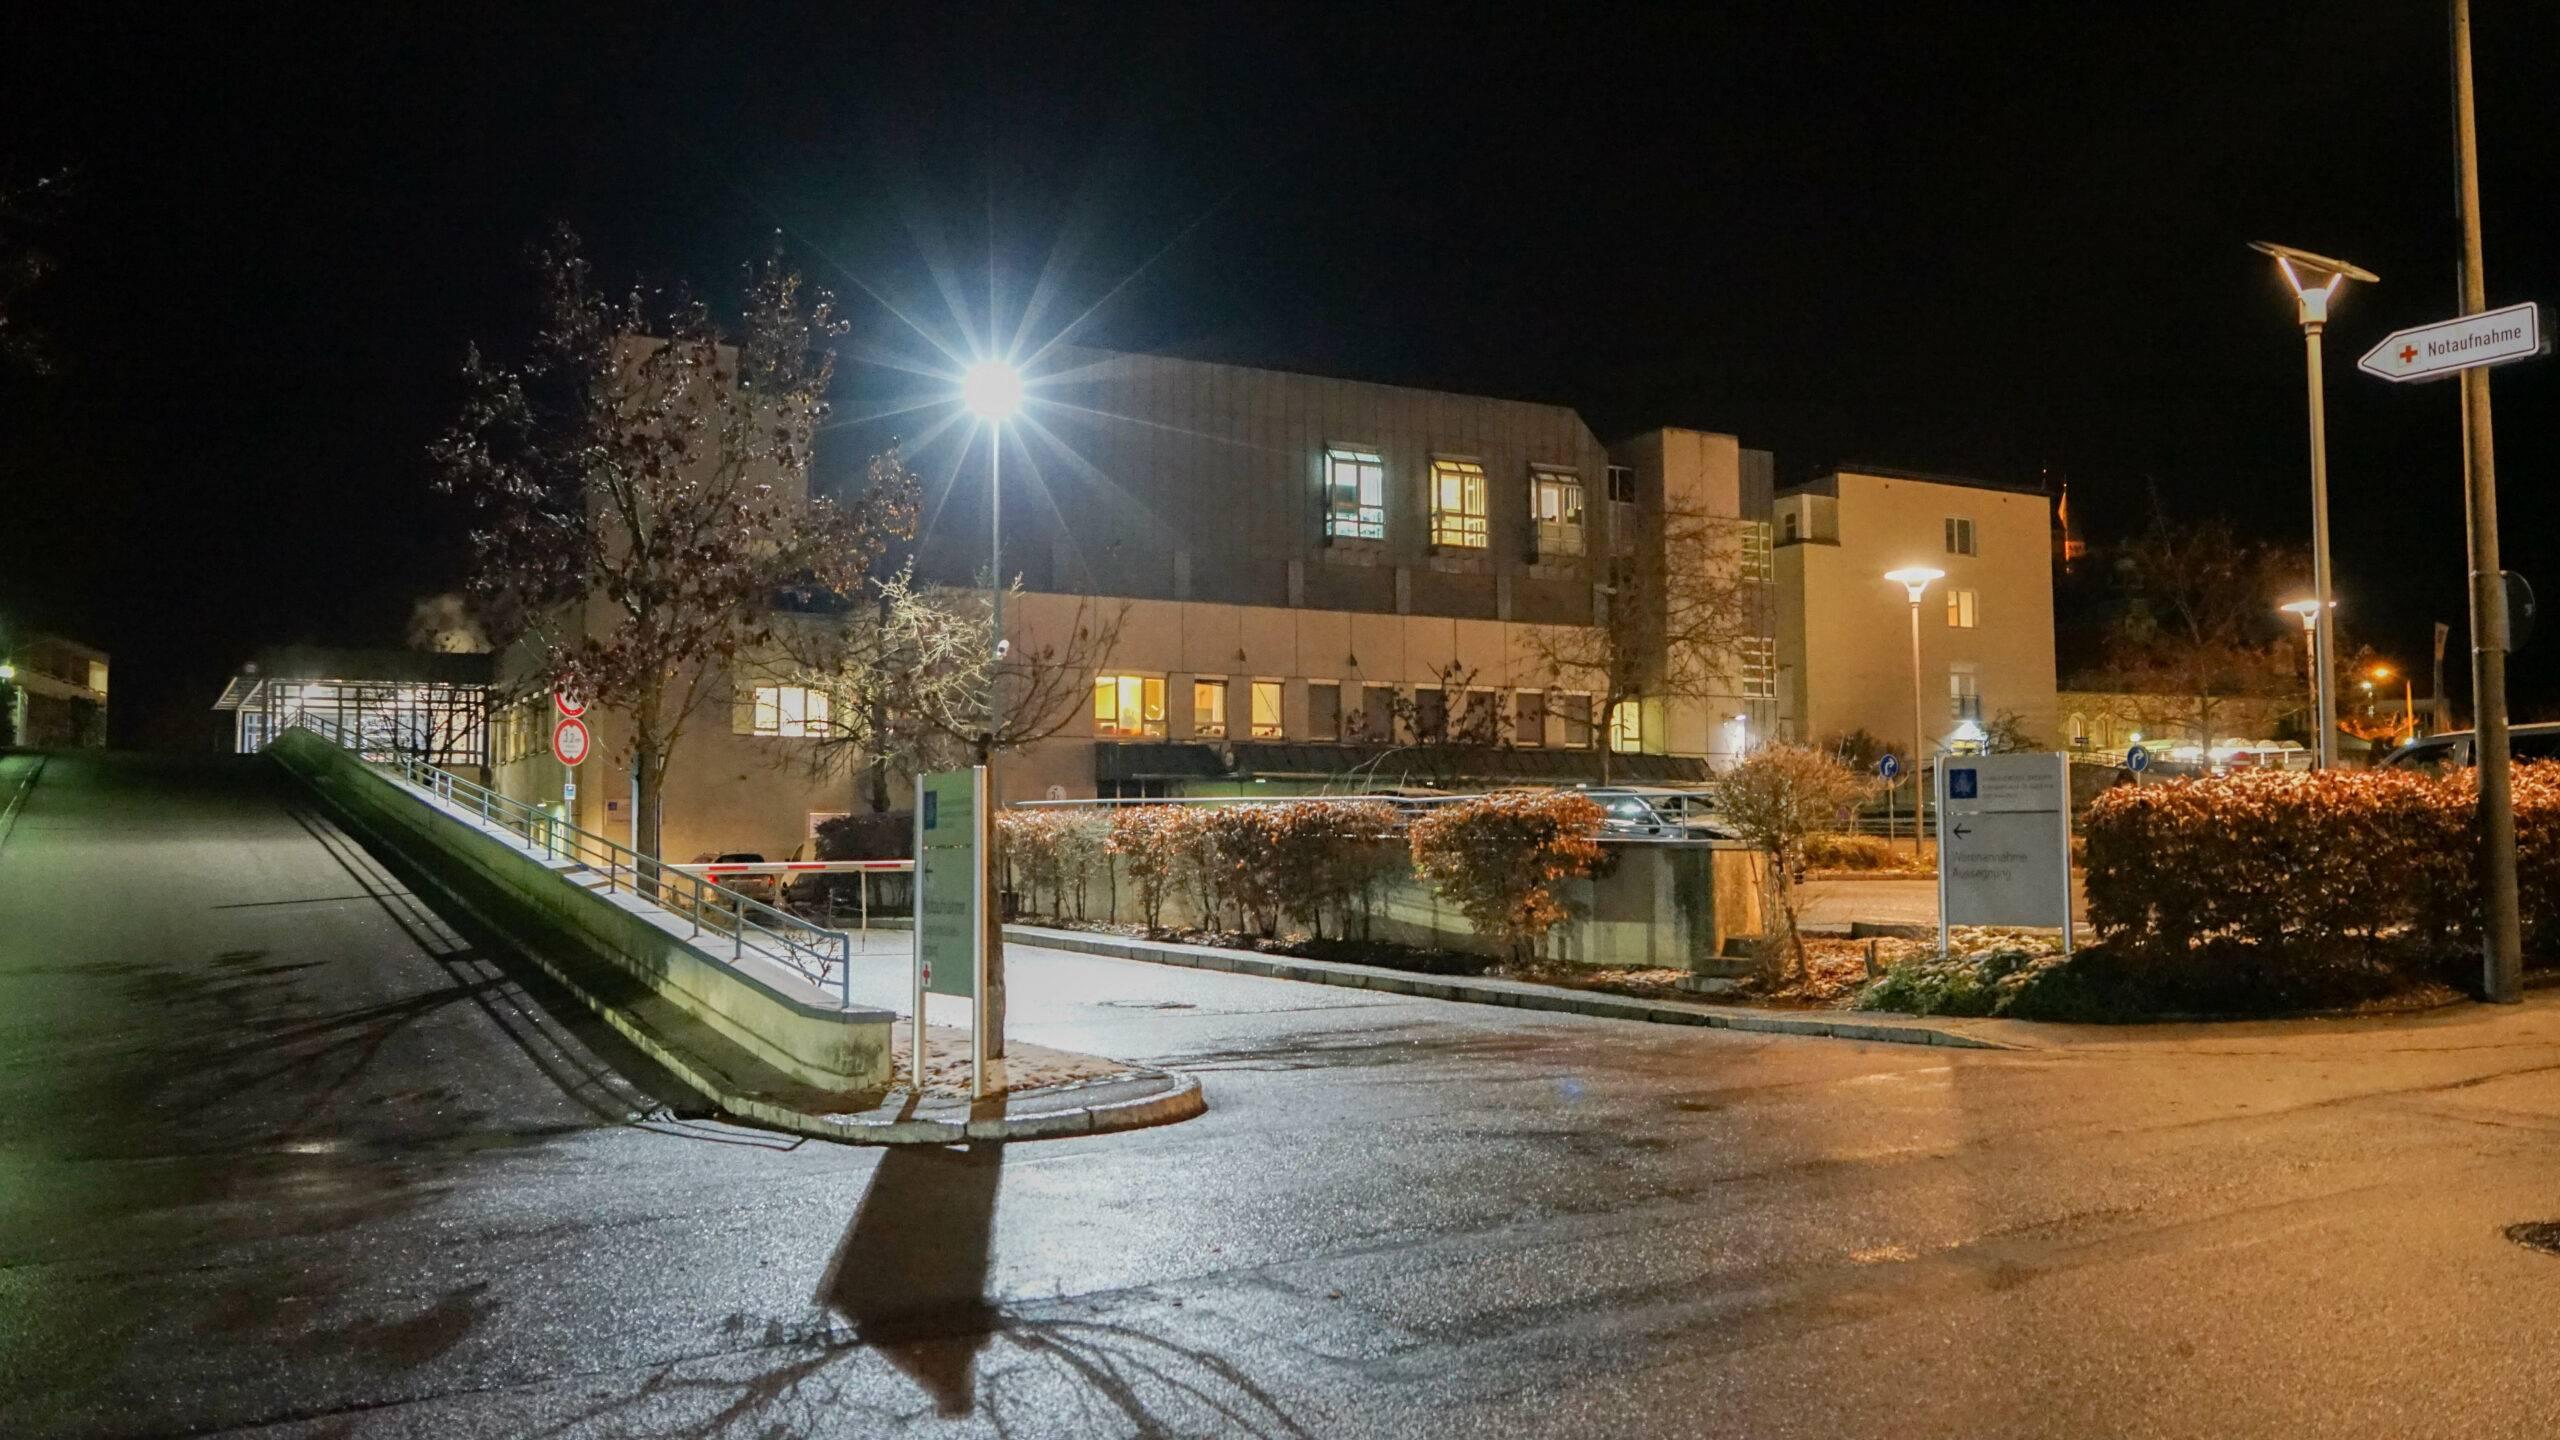 210107 210107 Vifogra Krankenhaus Schwandorf Bilder 09 Scaled